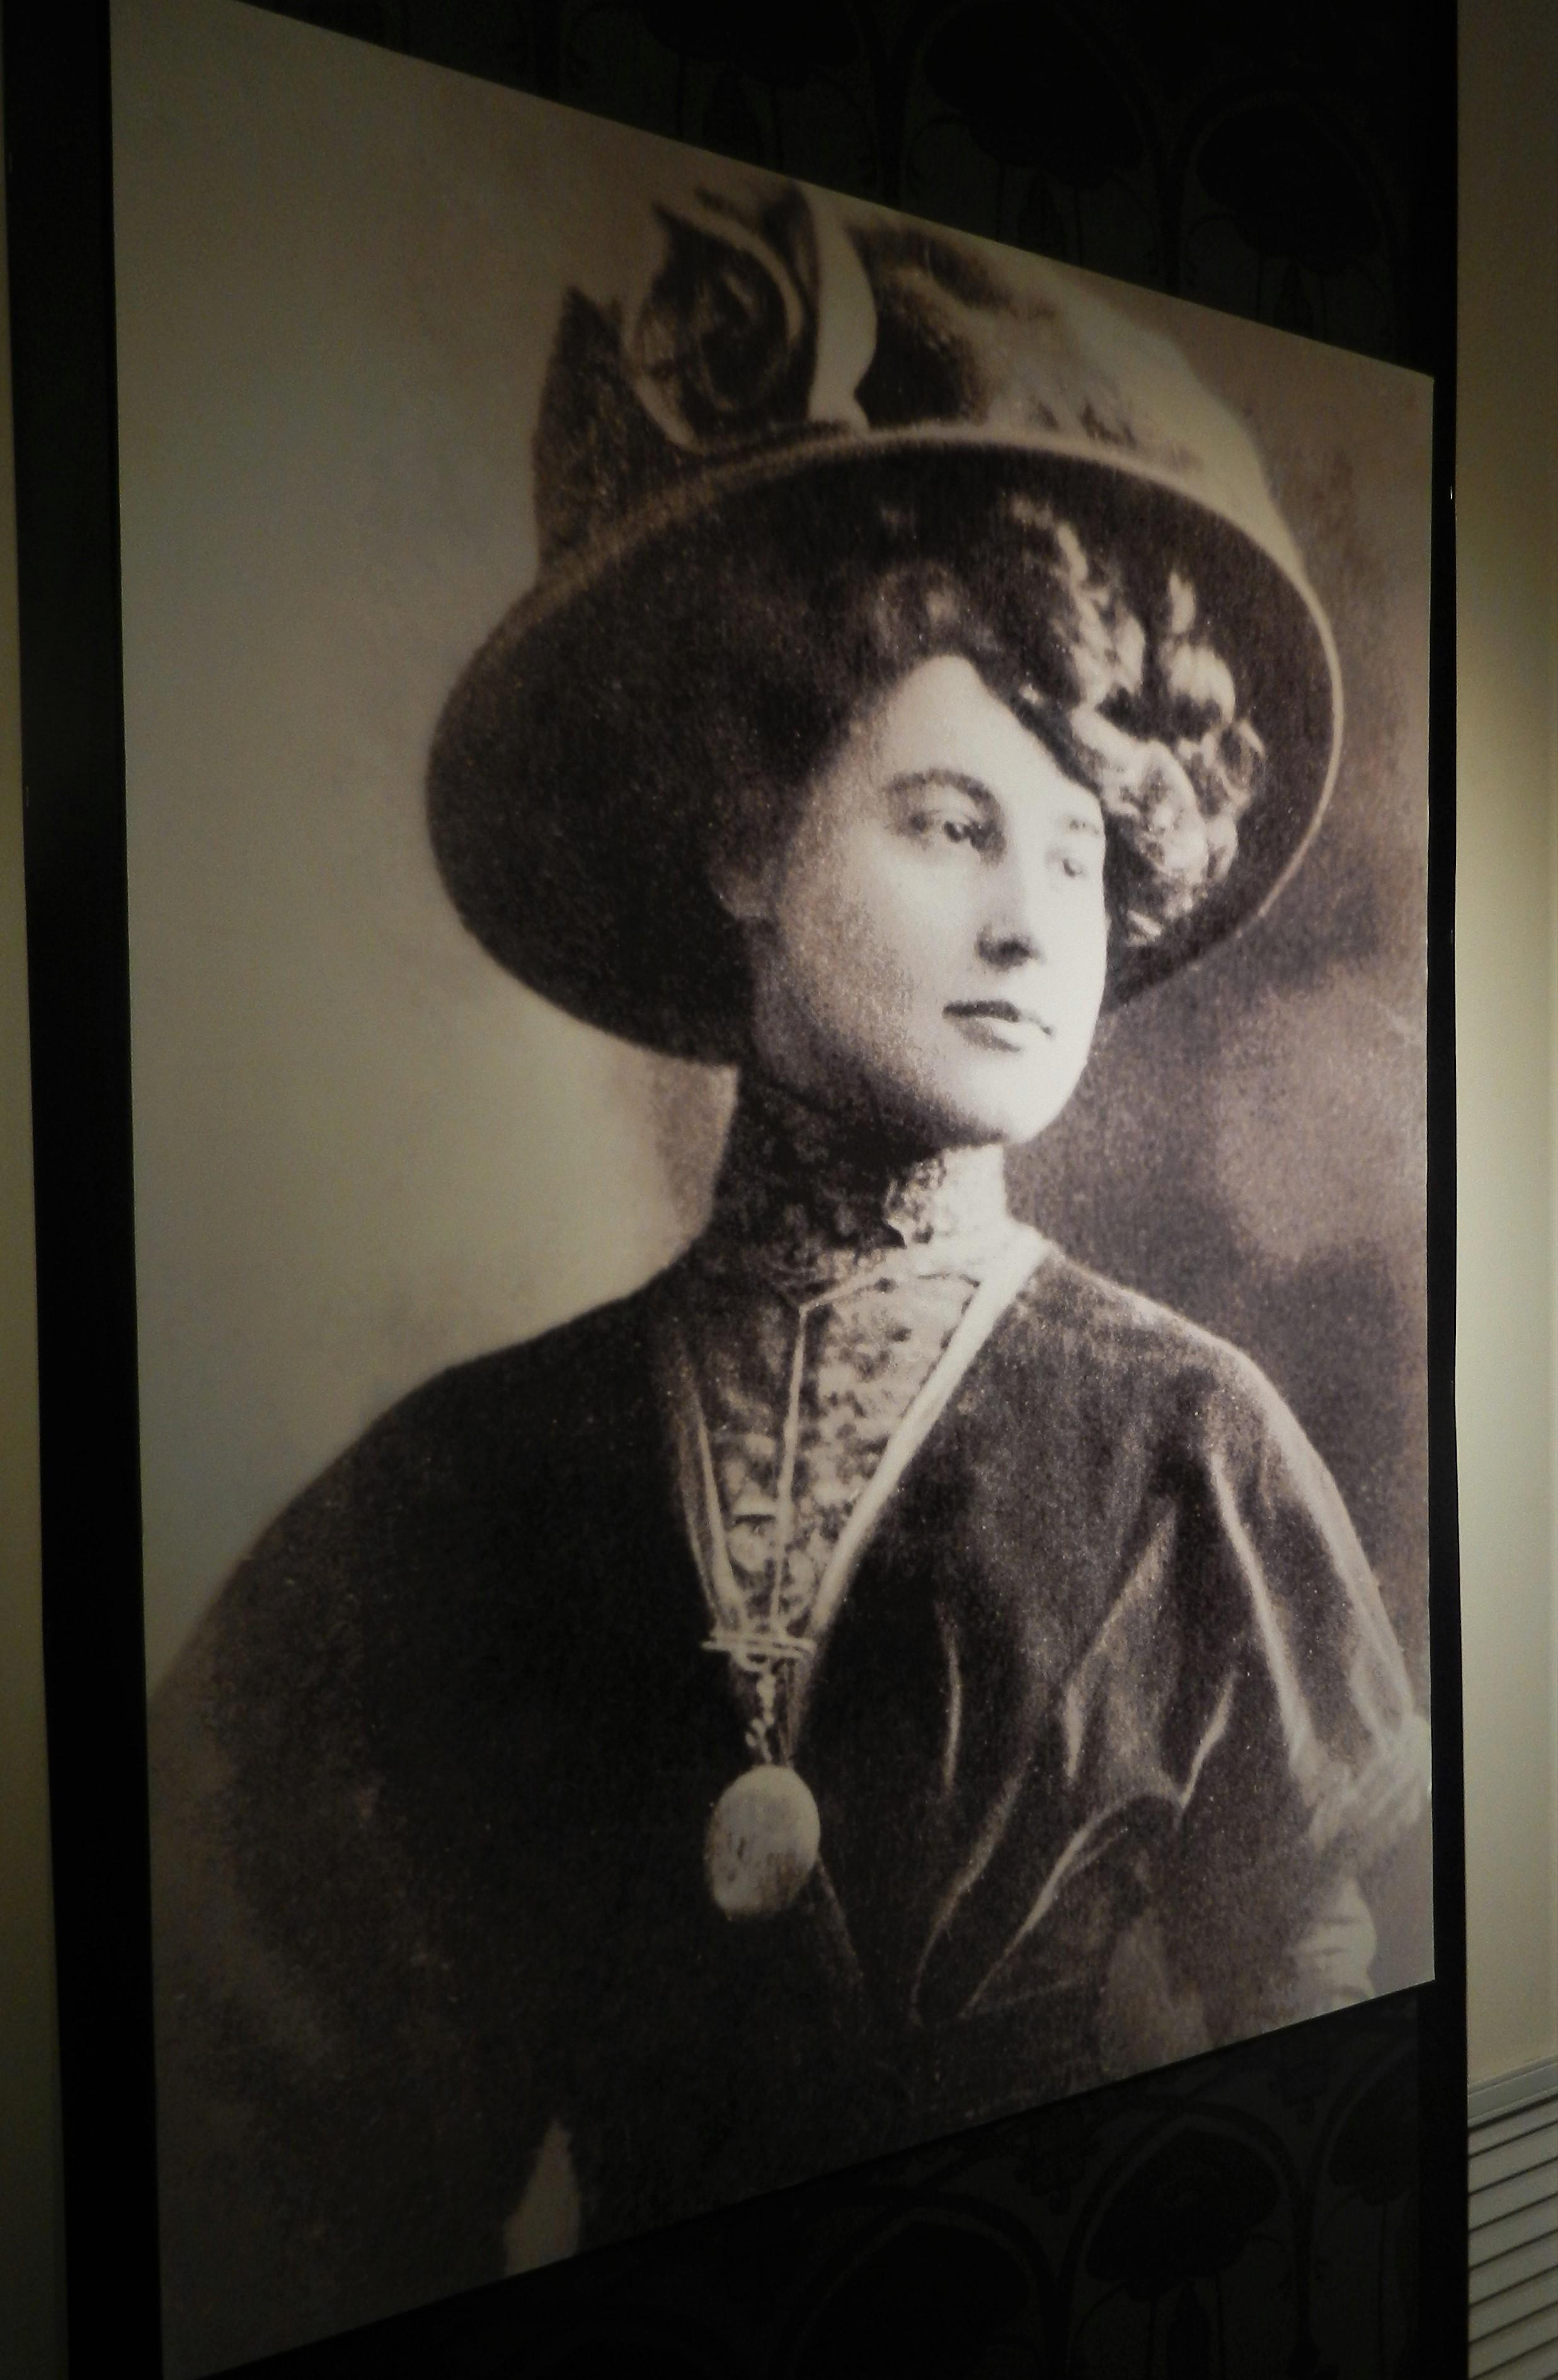 Помимо живописи и графики в экспозиции представлены фото художницы и ее семьи и биографические материалы